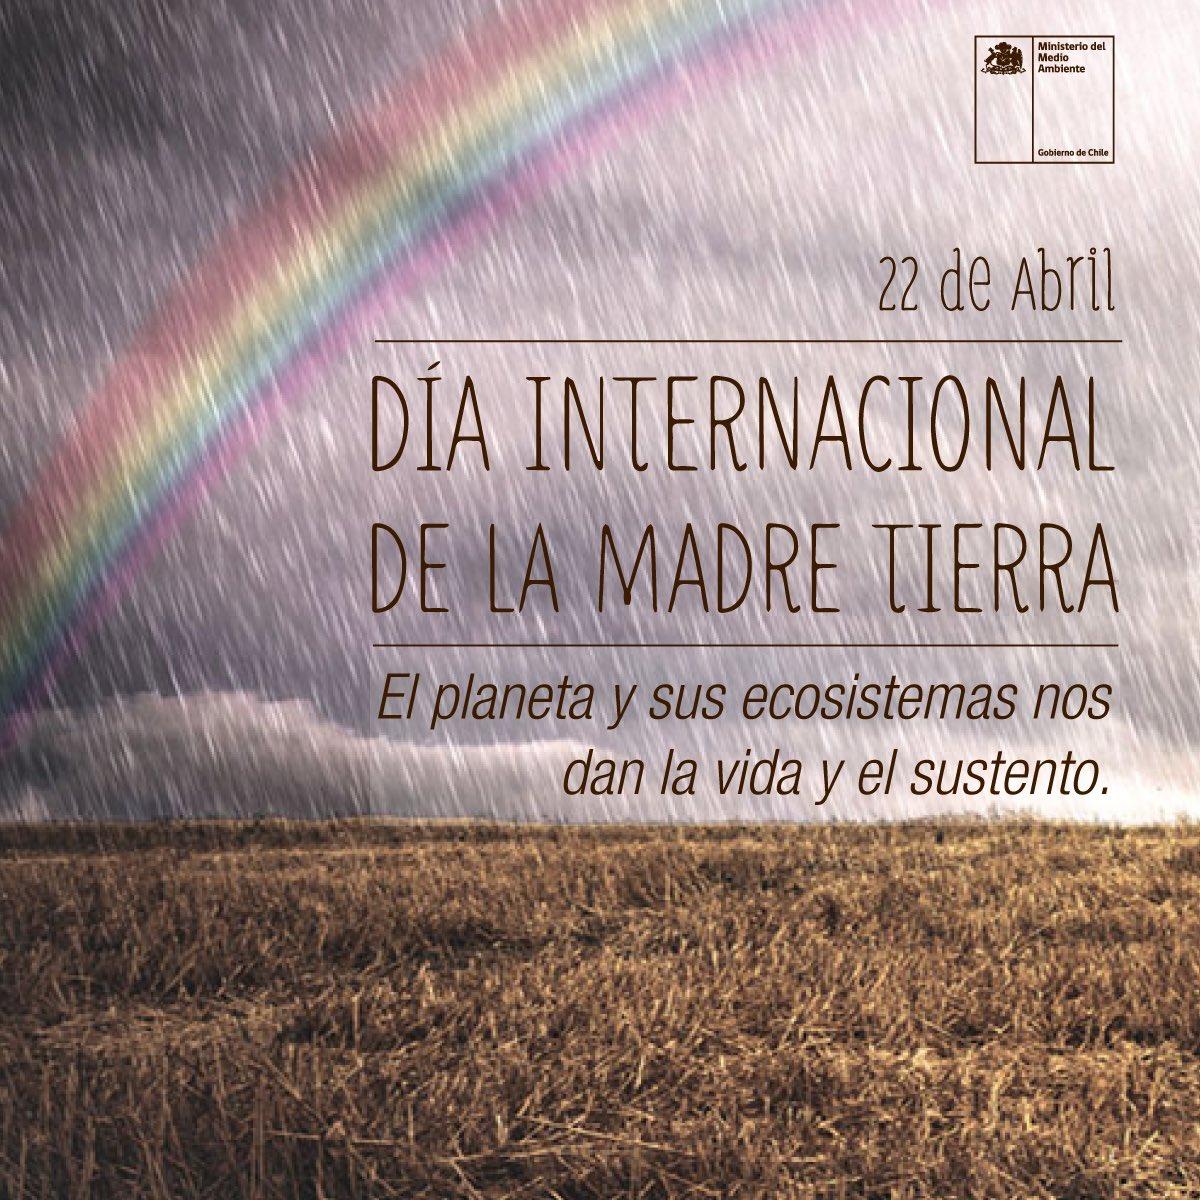 Hoy celebramos el #DiaDeLaTierra para recordar que el planeta y sus ecosistemas nos dan la vida y el sustento. https://t.co/HdCLQ8AvBh